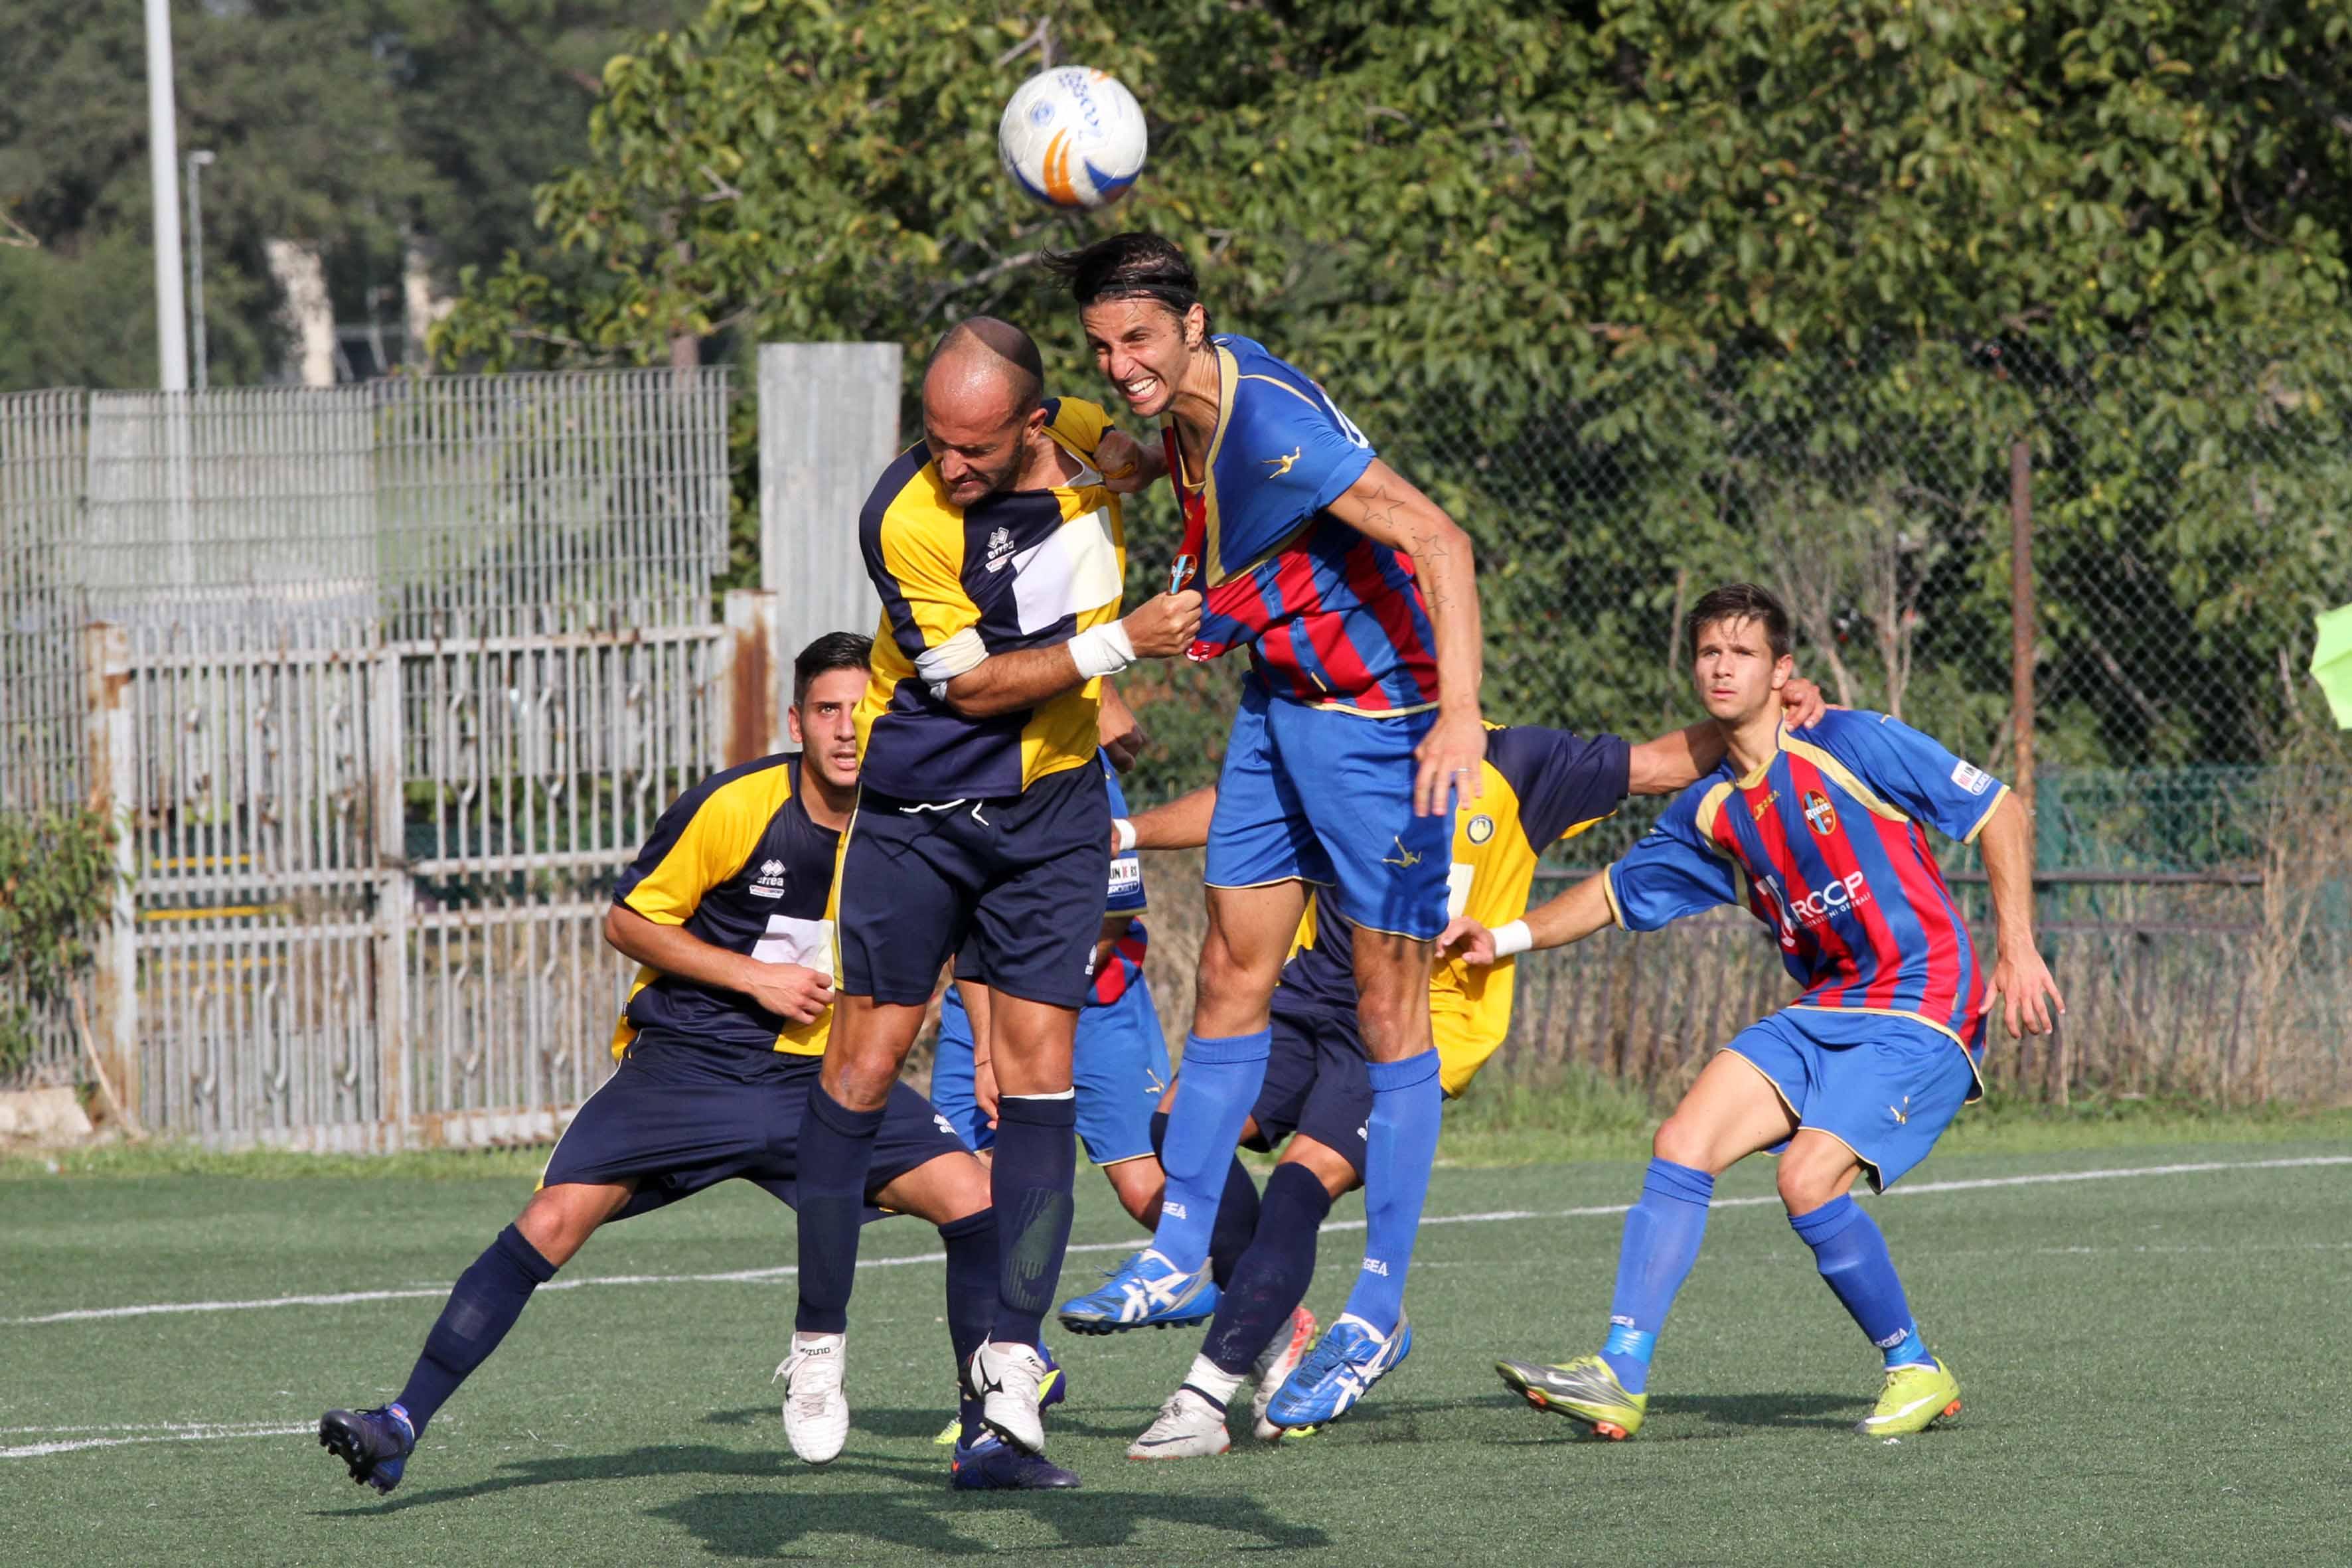 MONTEROTONDO LUPA - RIETI  CALCIO COPPA ITALIA  2012/2013